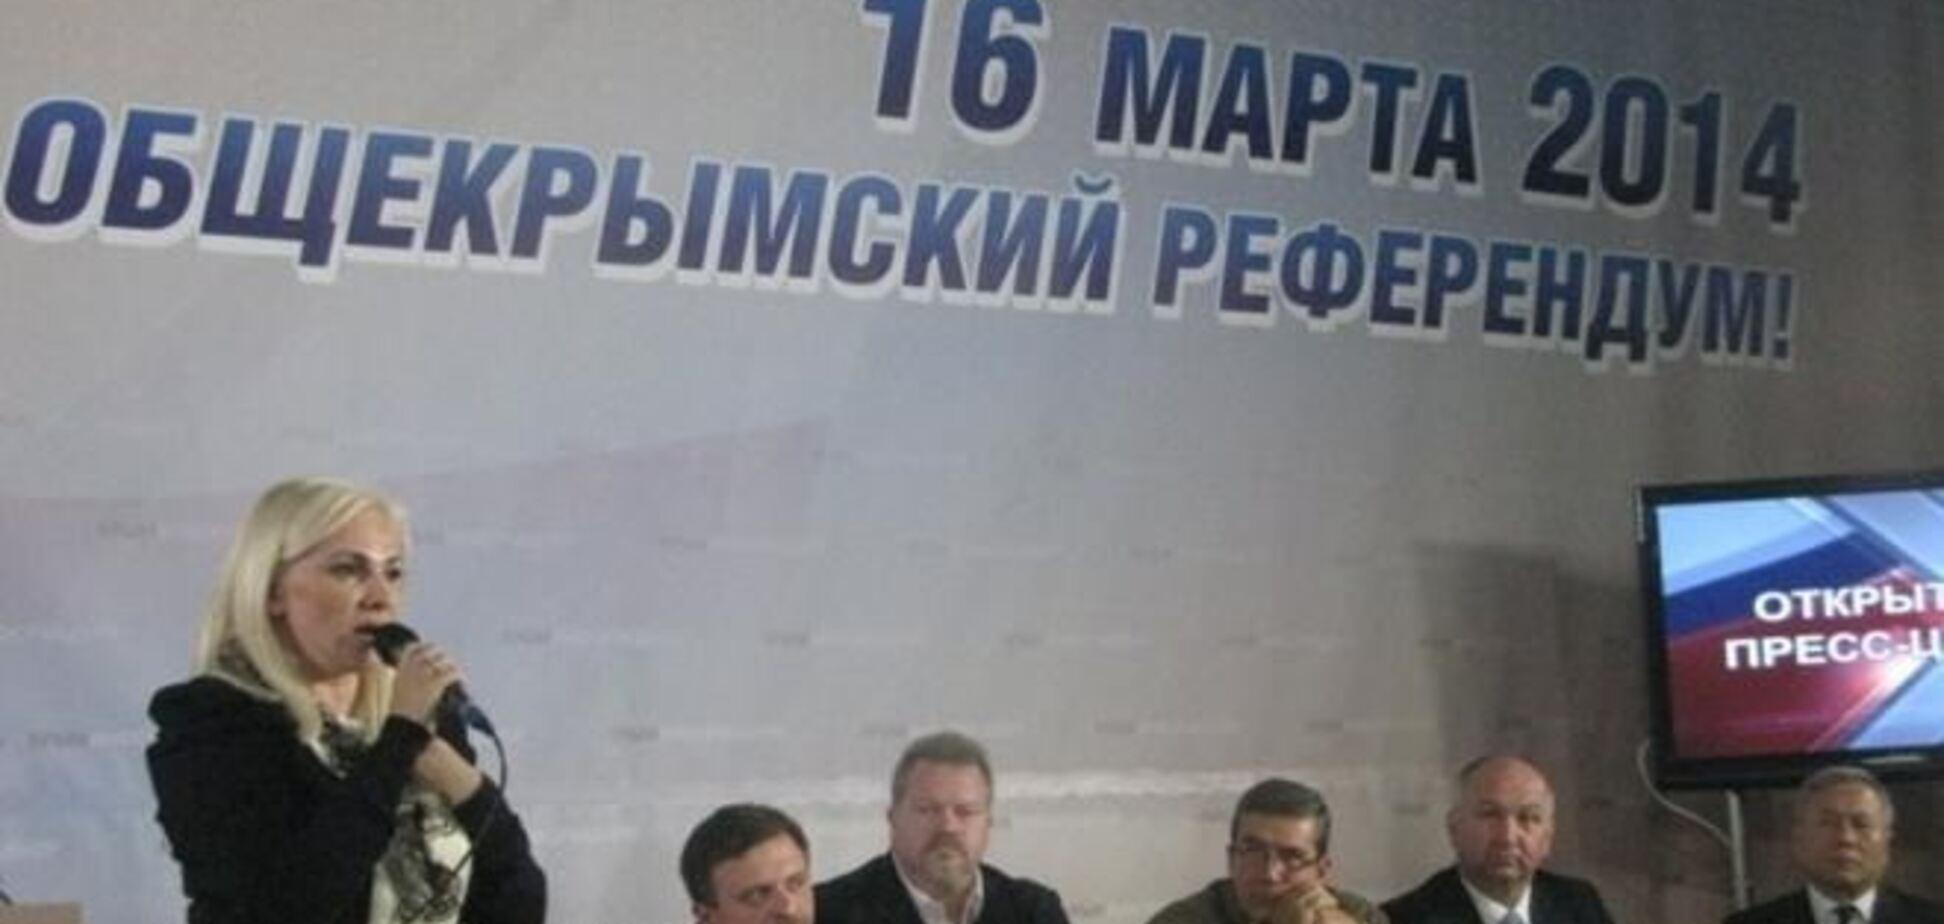 Перечень нарушений во время проведения референдума в Крыму